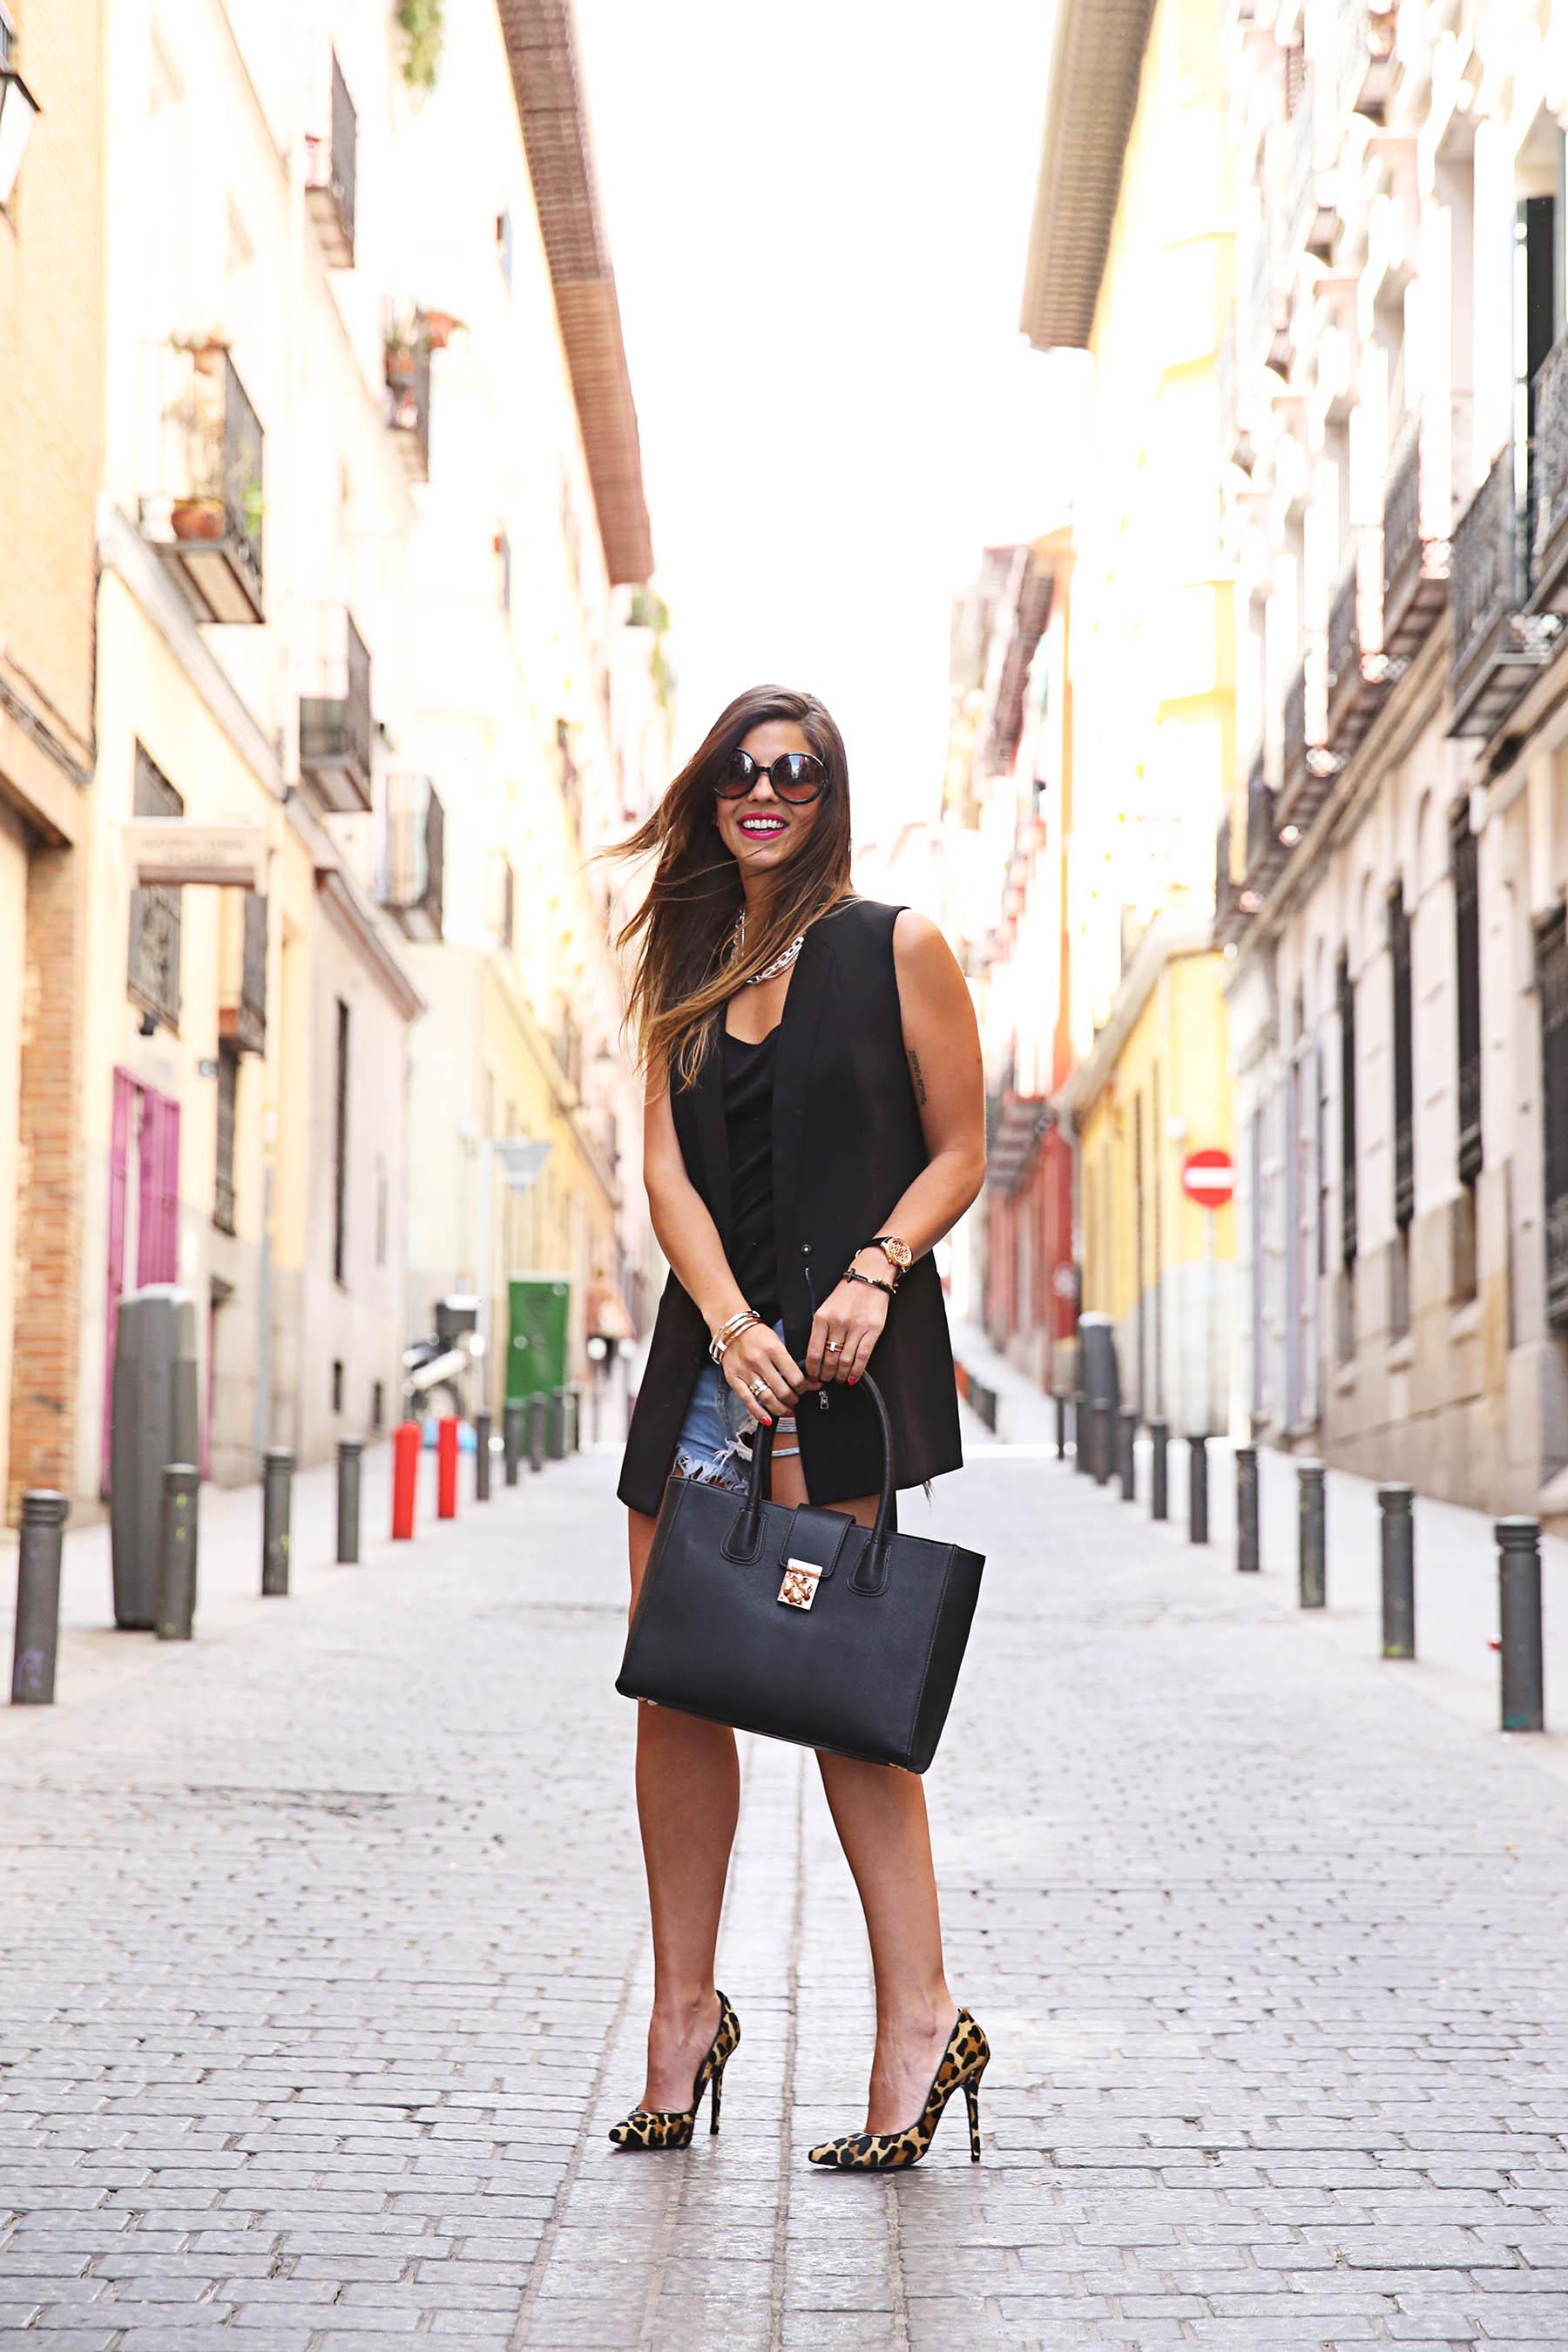 trendy-taste-look-outfit-street-style-ootd-blog-blogger-fashion-spain-moda-españa-leo-print-estiletos-mas34-leather-bag-denim-shorts-vaqueros-rotos-3